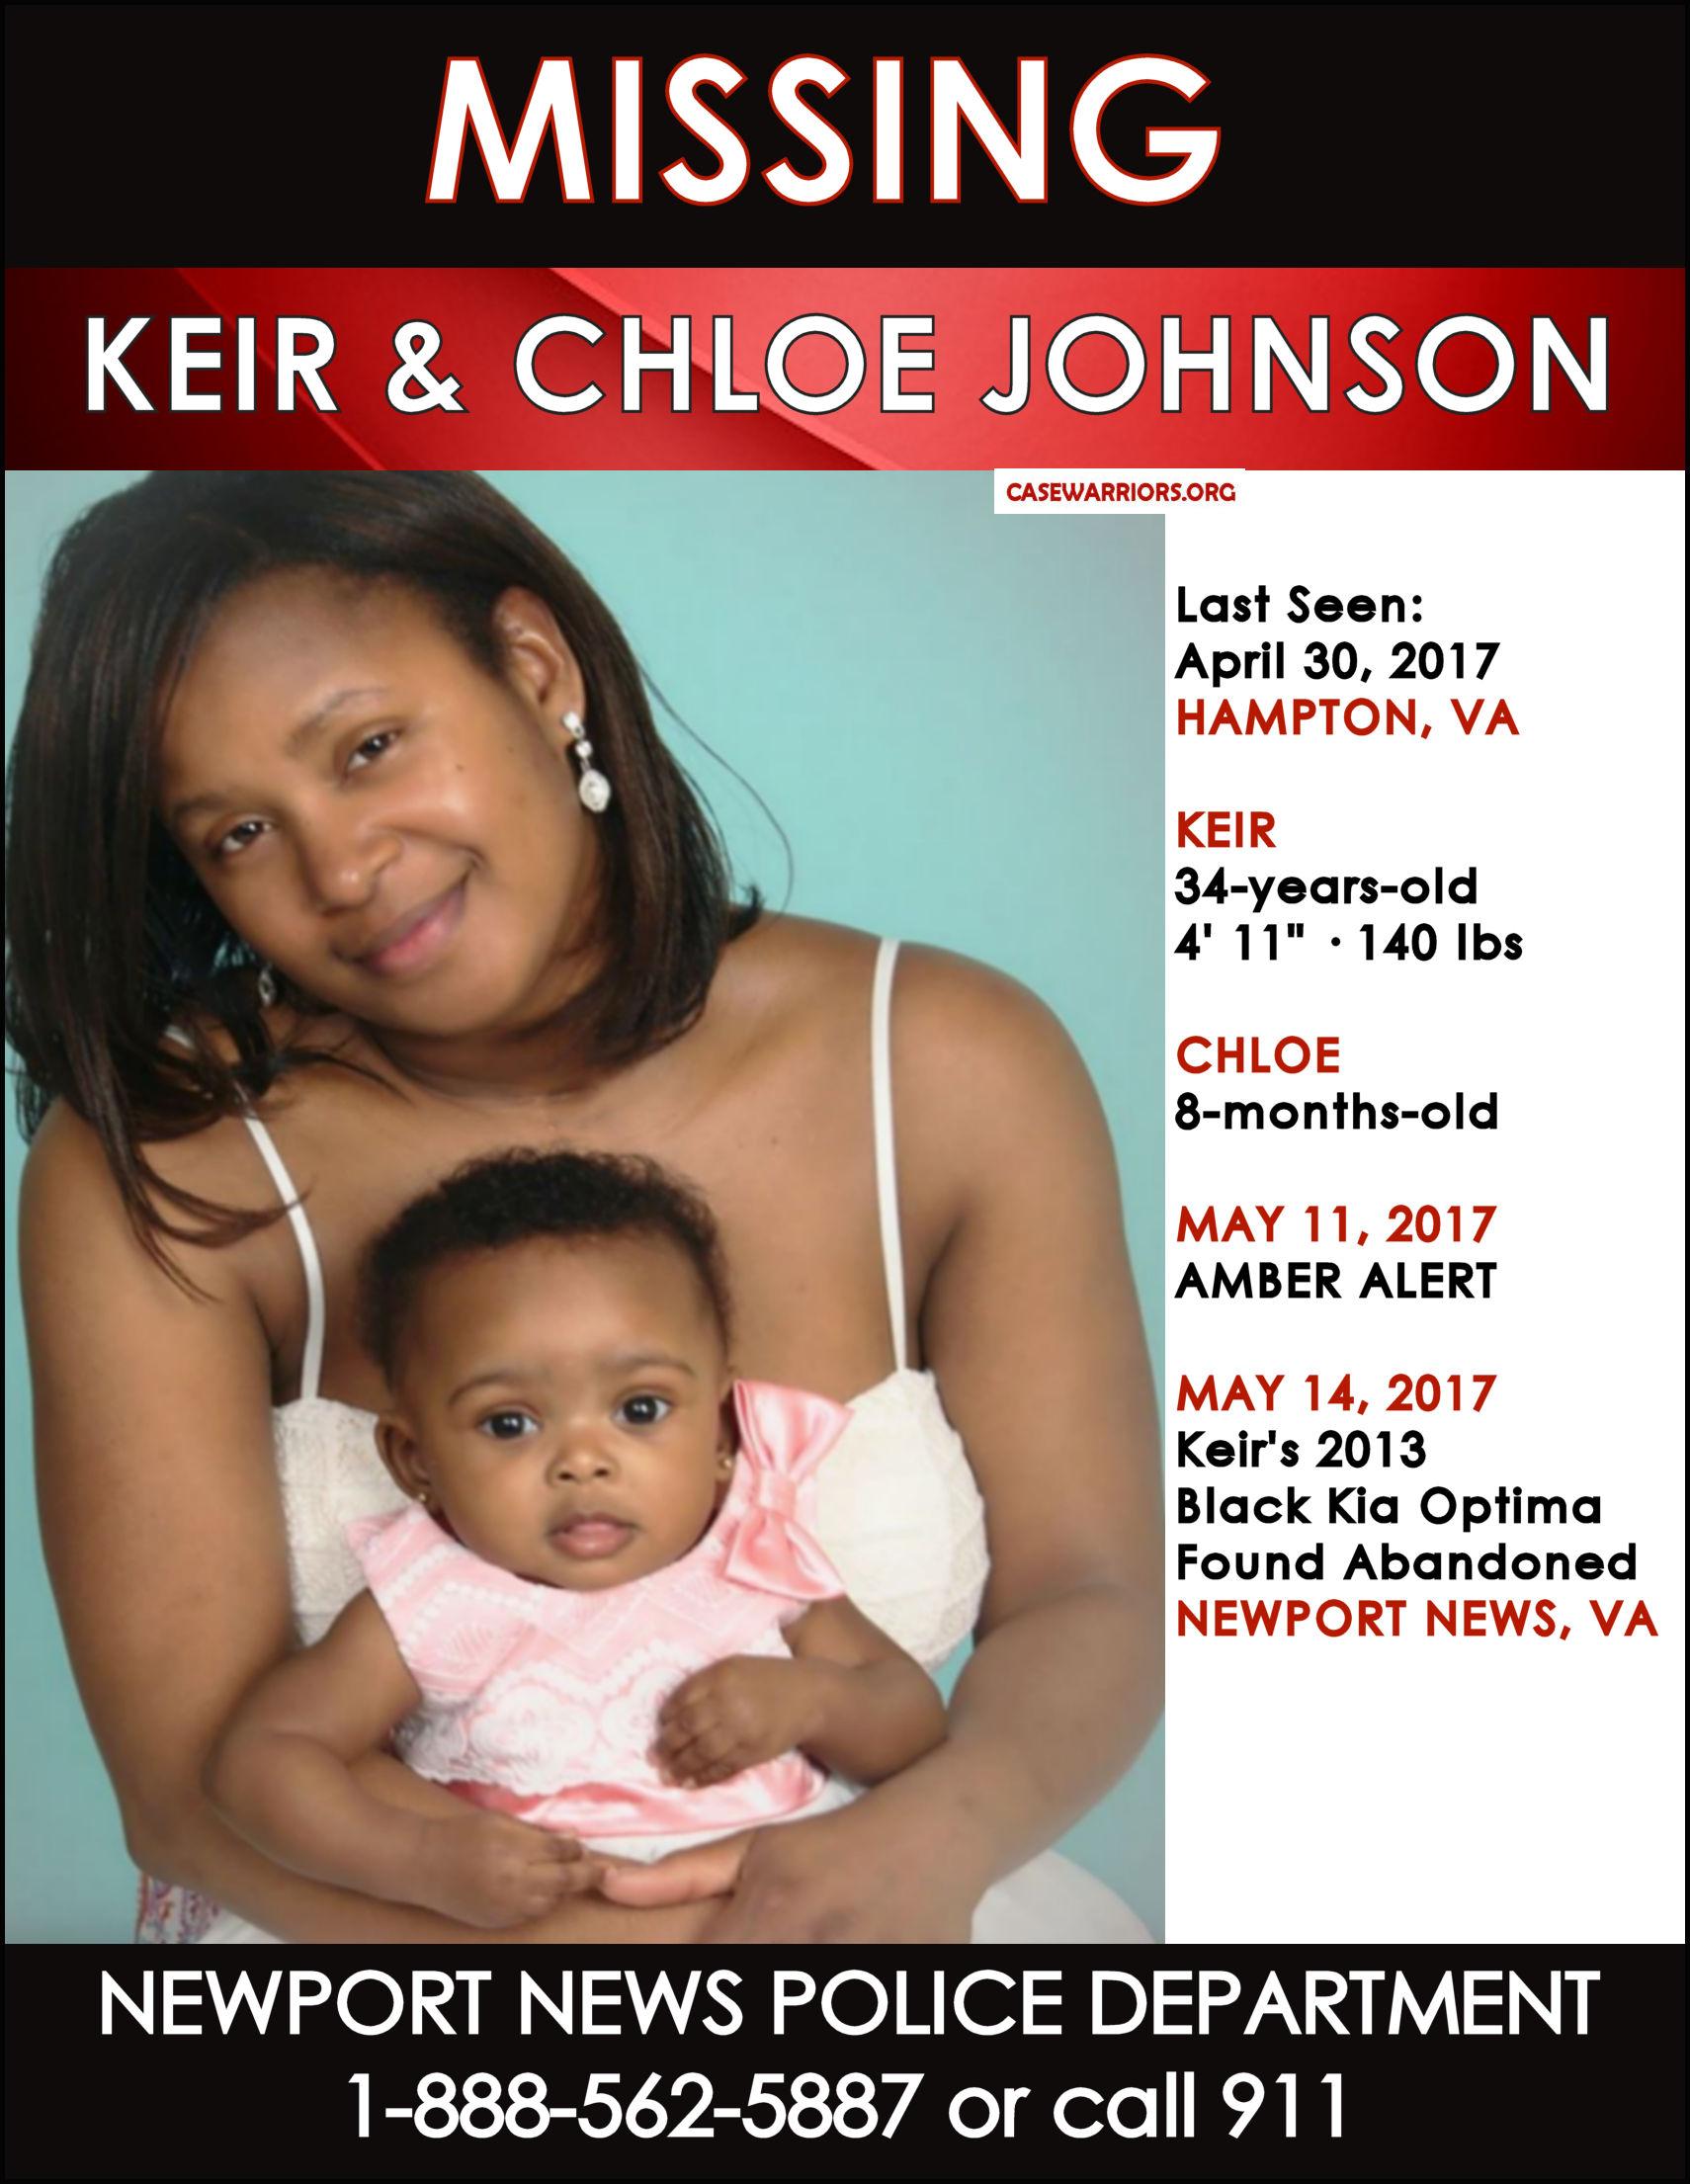 KEIR & CHLOE JOHNSON